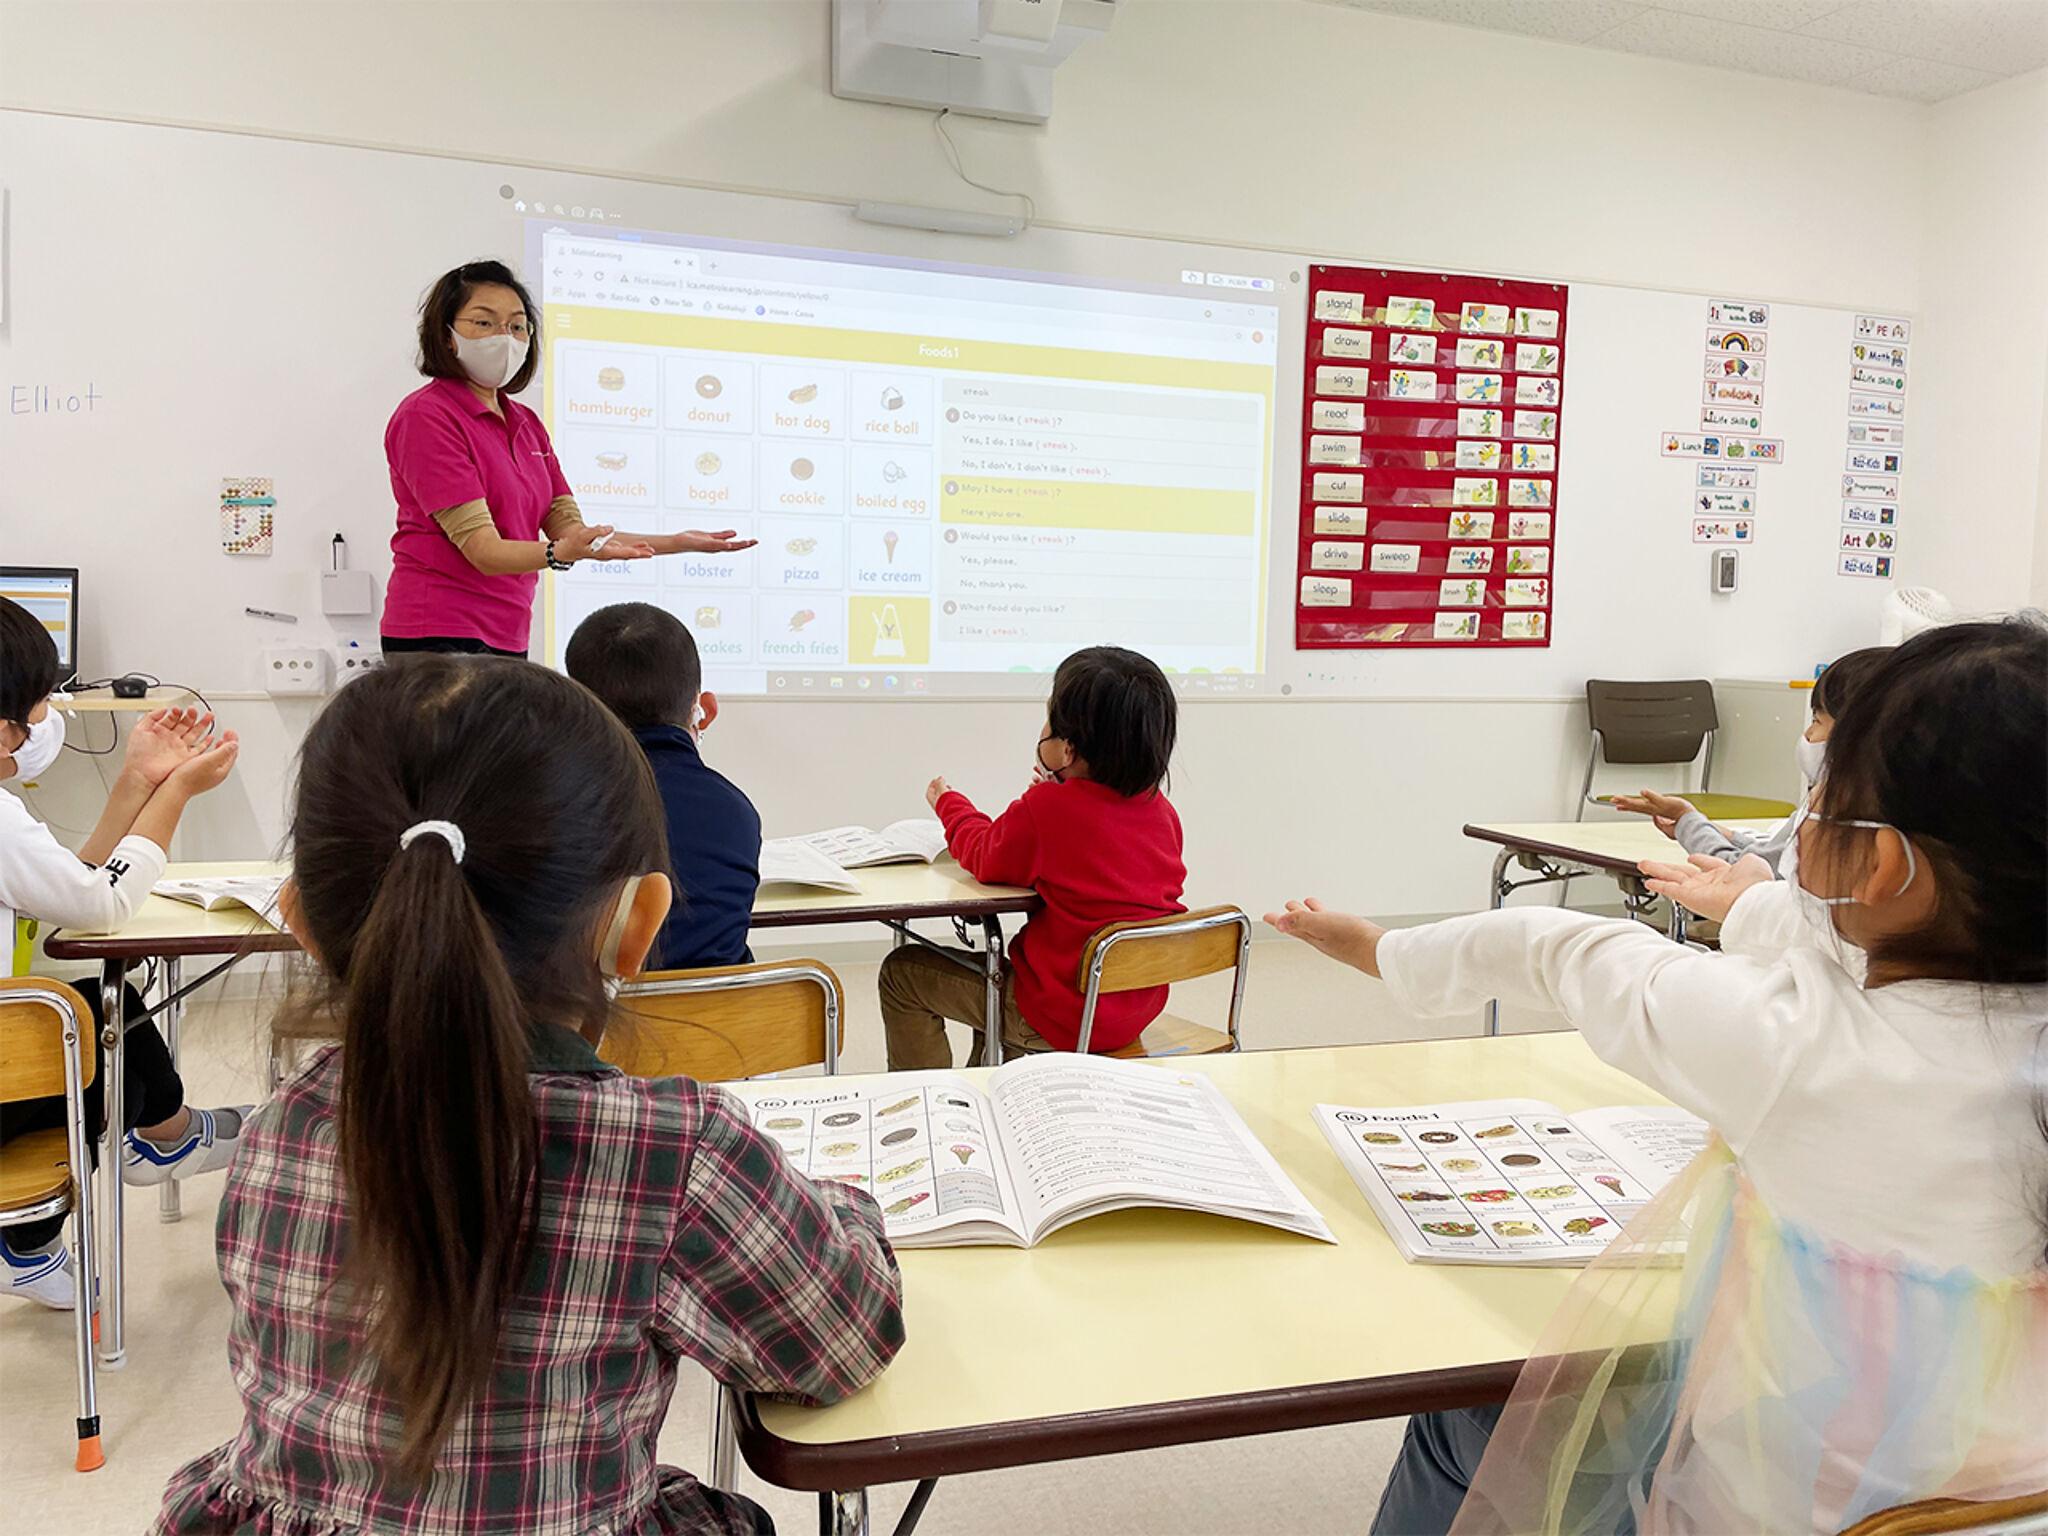 講師と子どもたちが一緒に両手を前に出して英語の発音を練習している様子